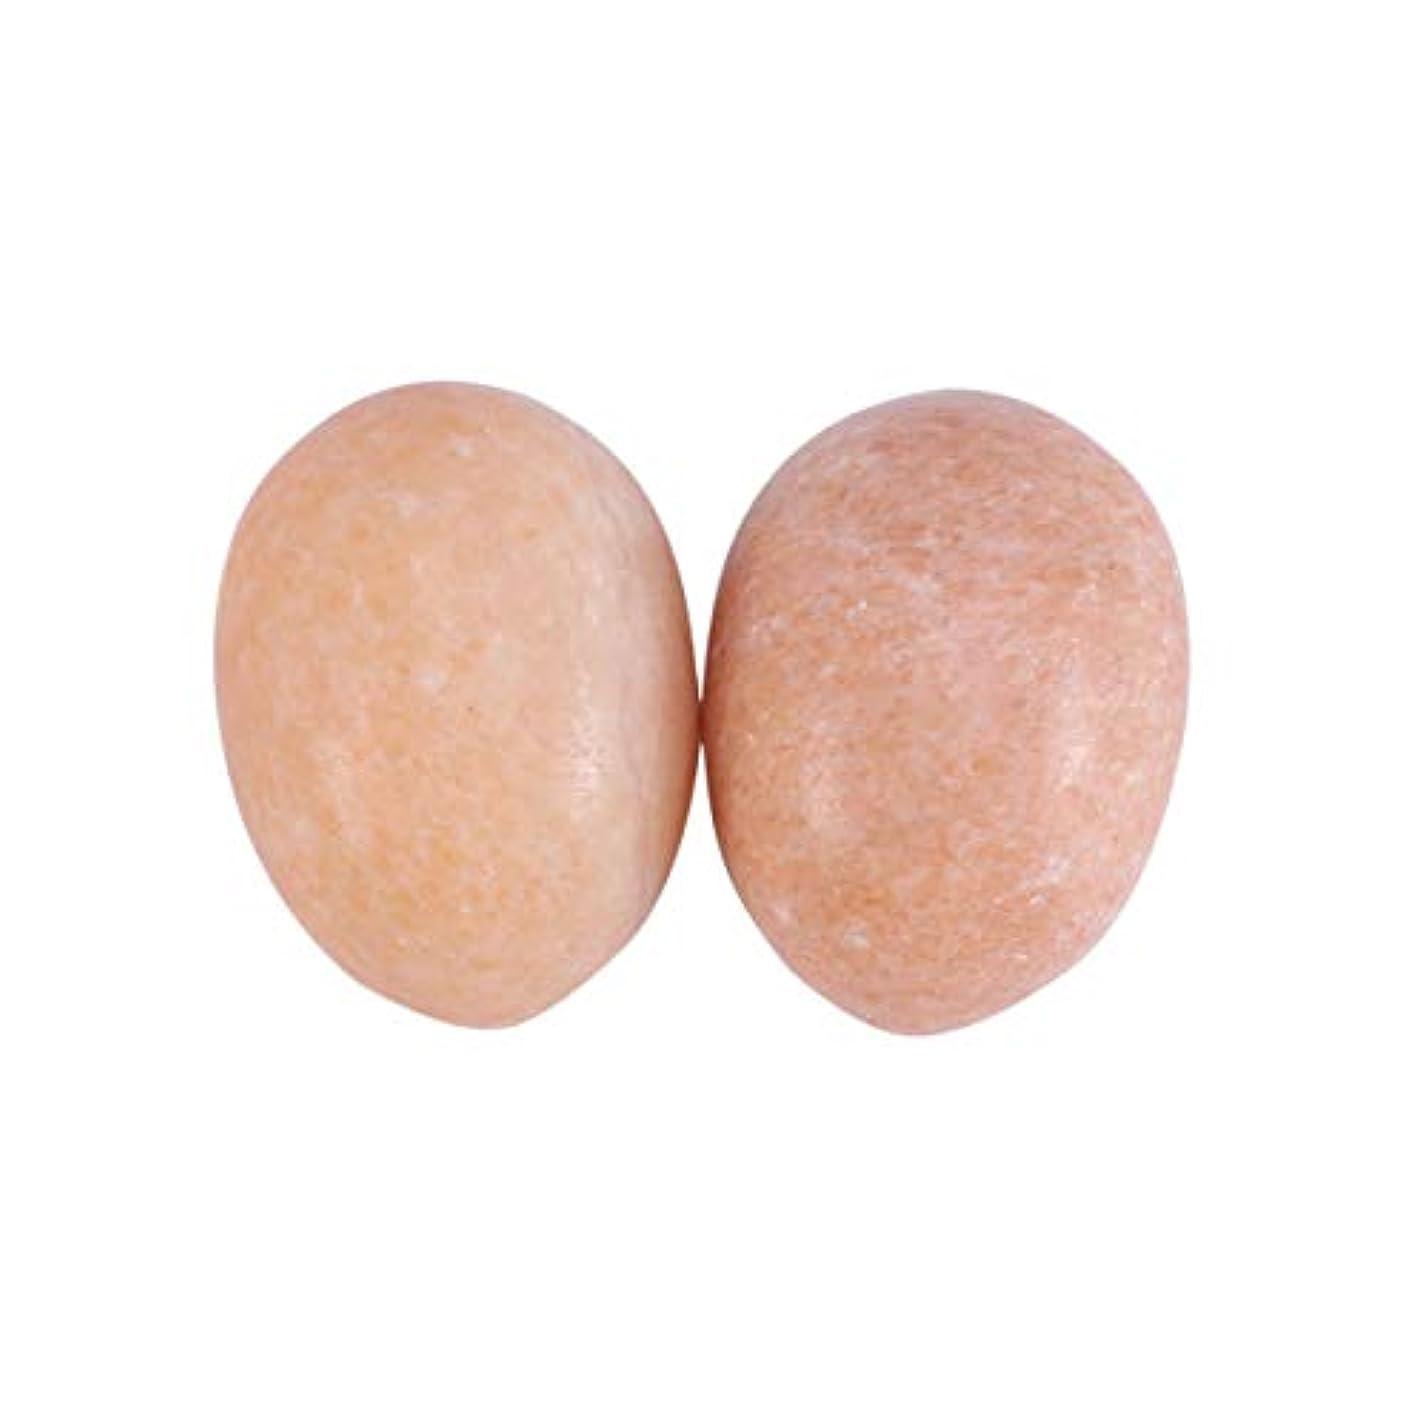 実験室近代化するじゃがいもHealifty 妊娠中の女性のためのマッサージボール6個玉ヨニ卵骨盤底筋マッサージ運動膣締め付けボールヘルスケア(サンセットレッド)